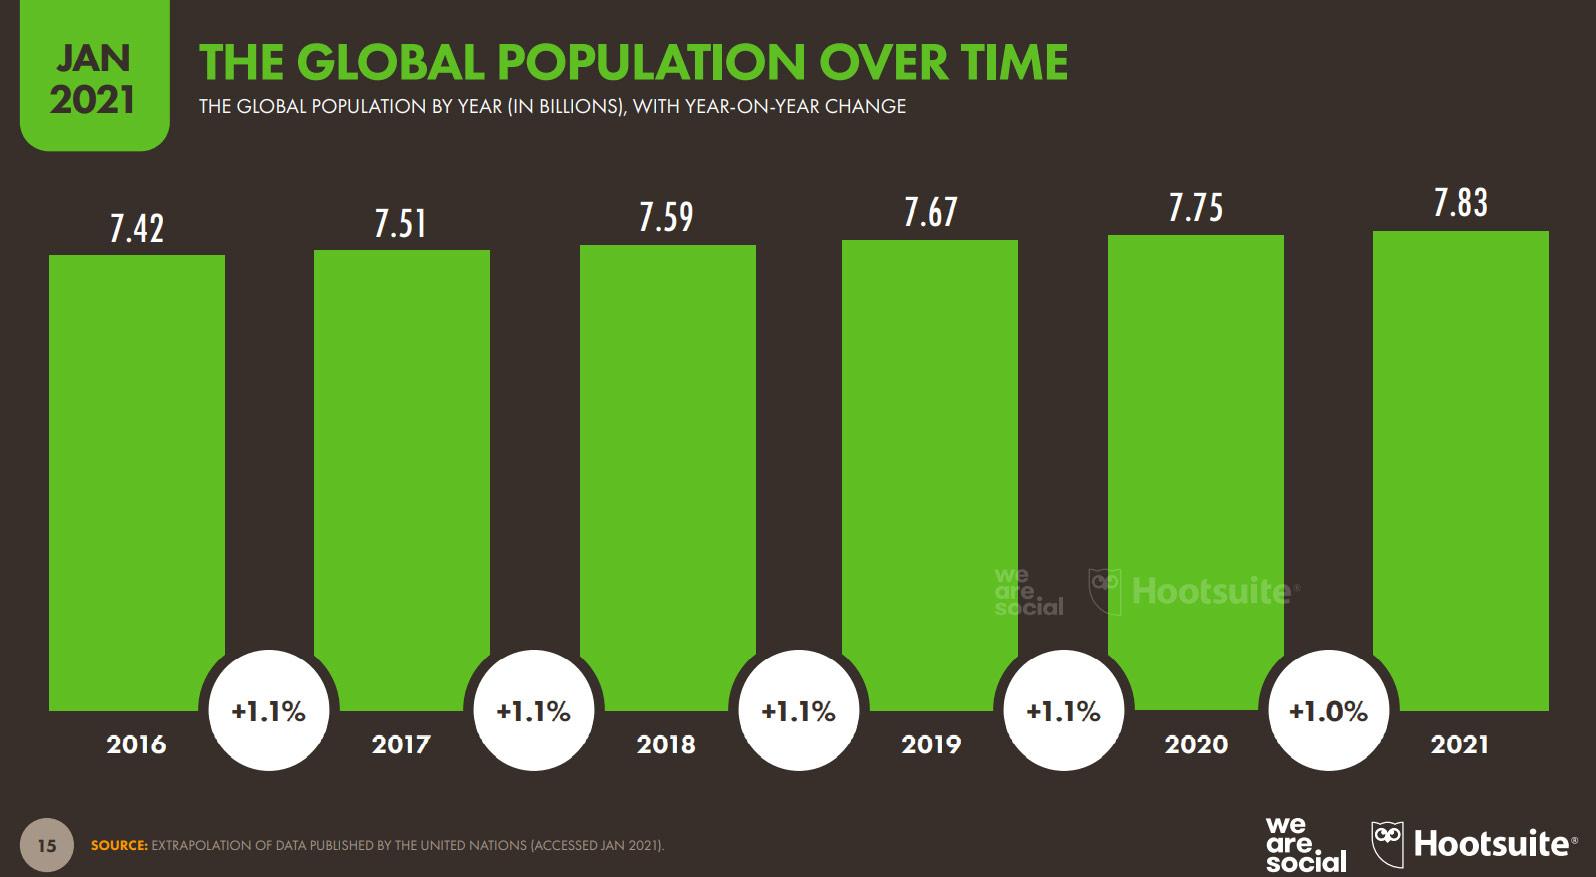 Thời gian sử dụng internet tăng đáng kể